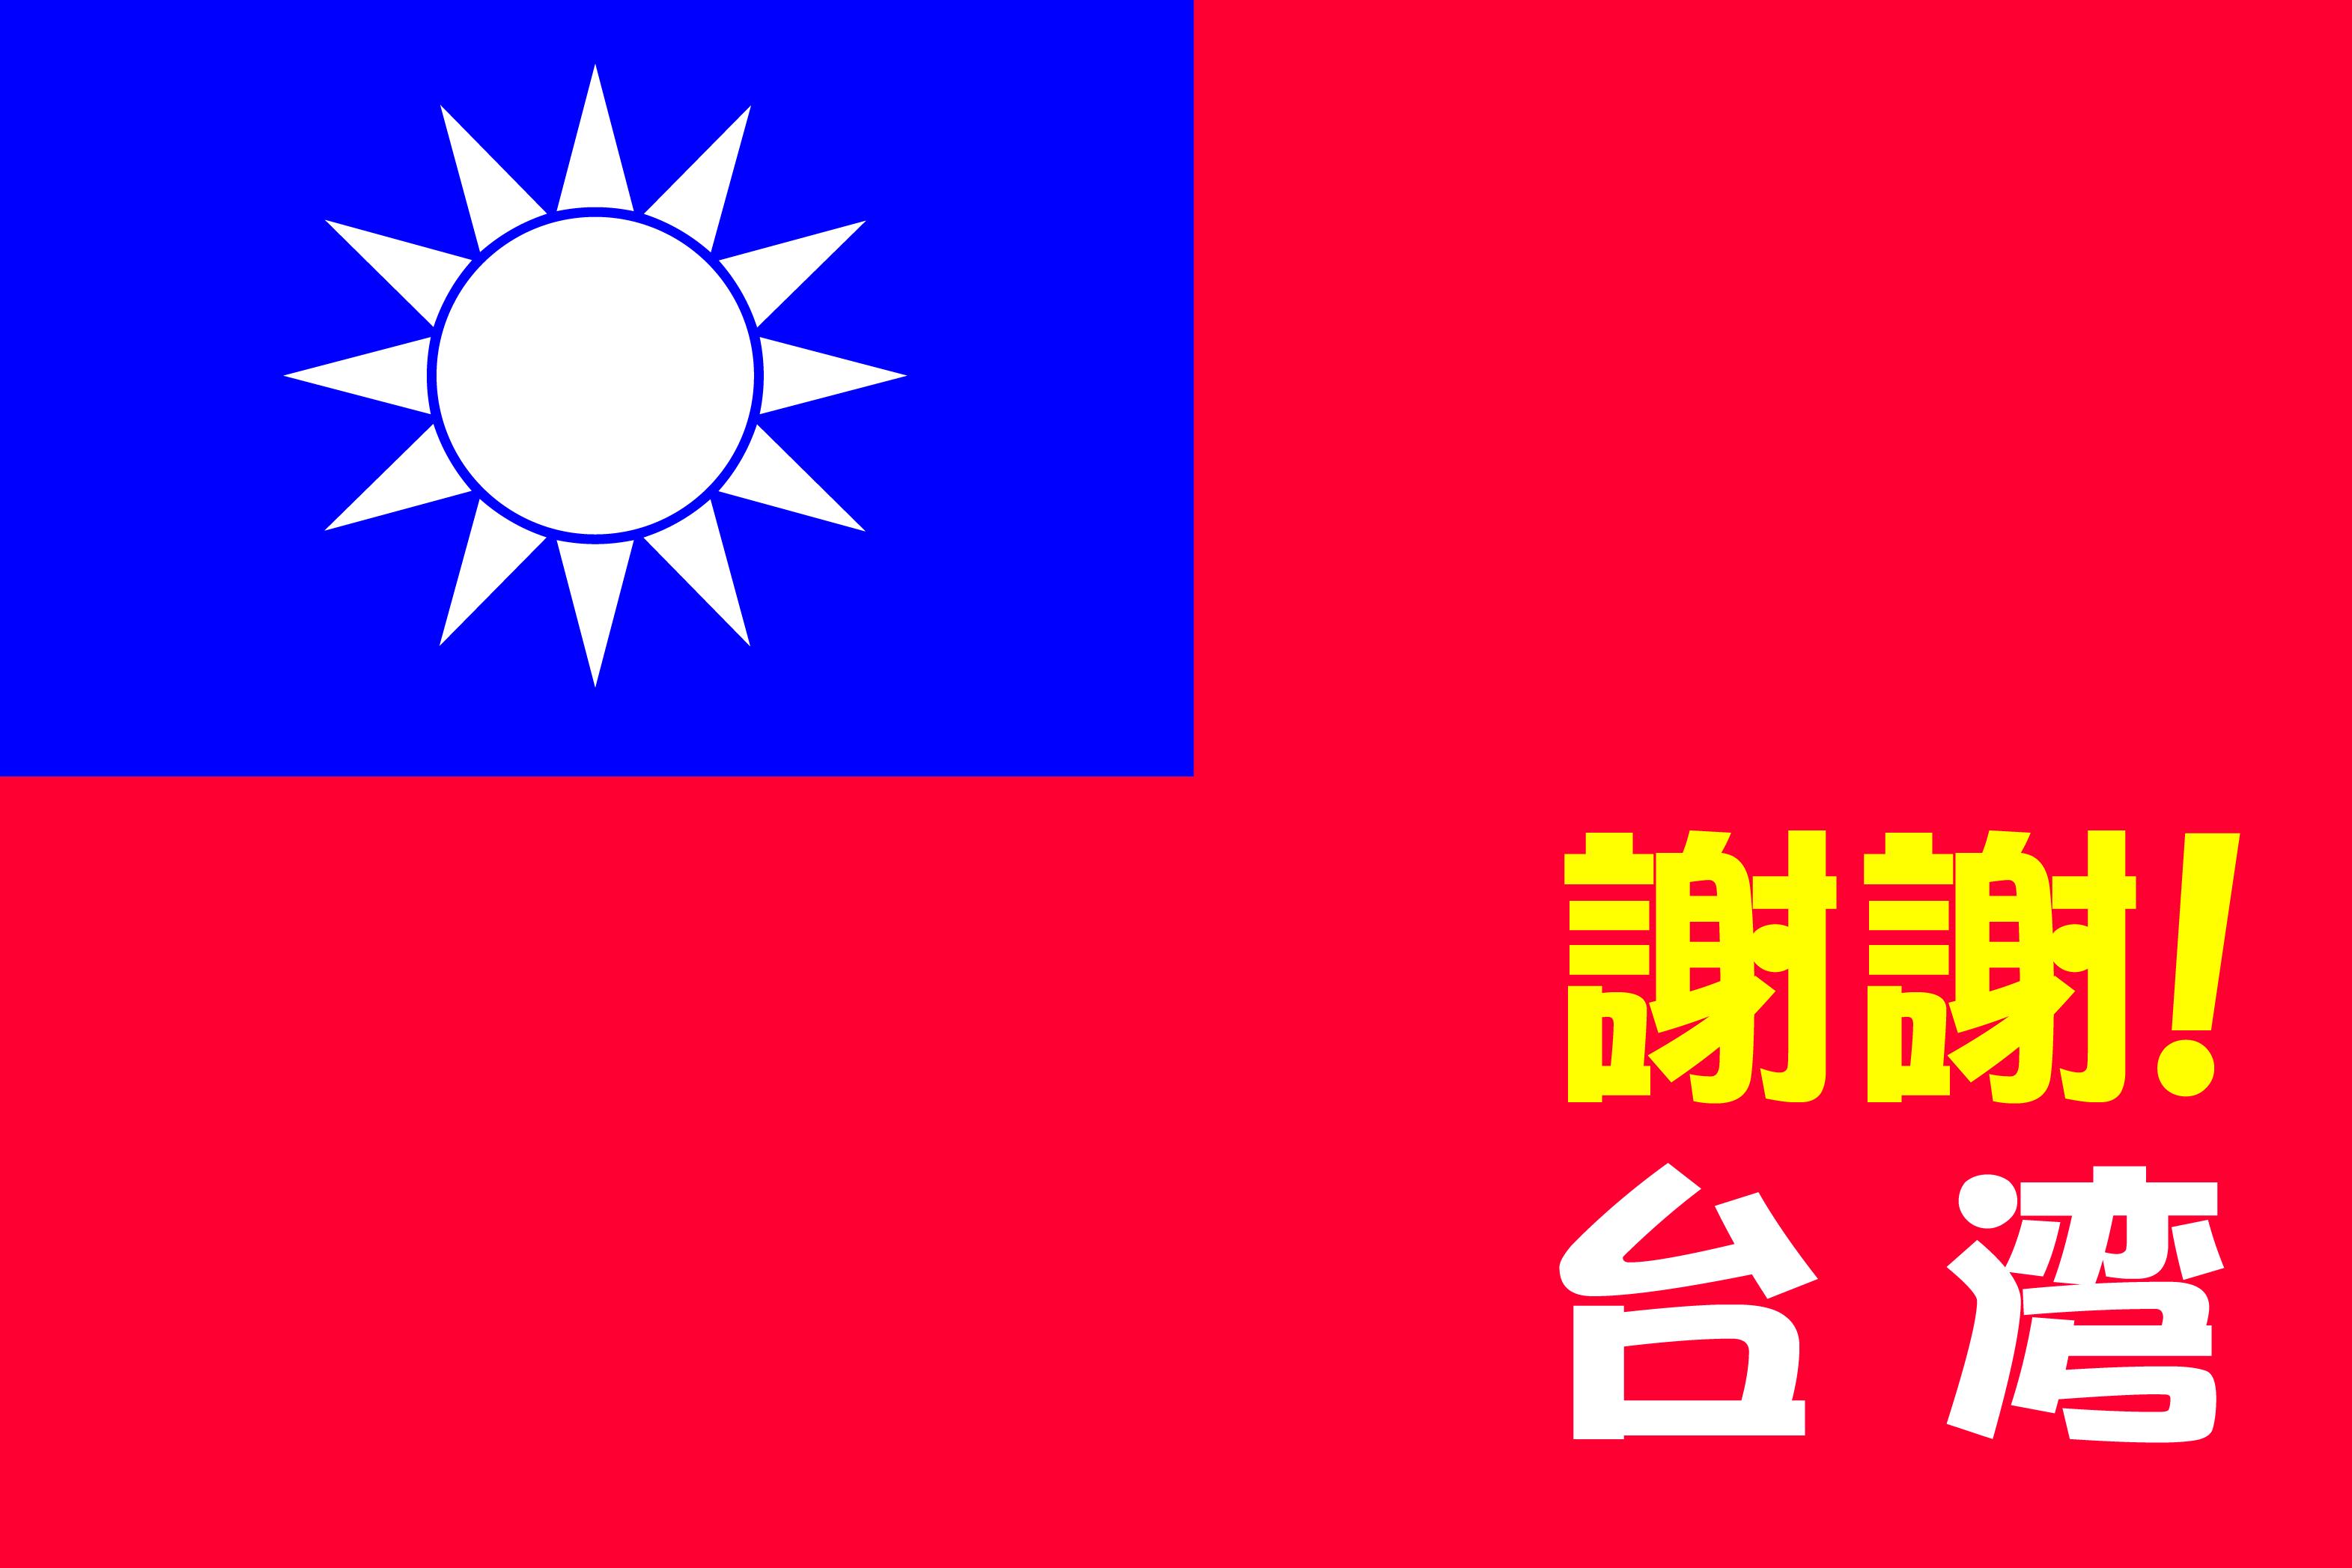 台湾国旗.png